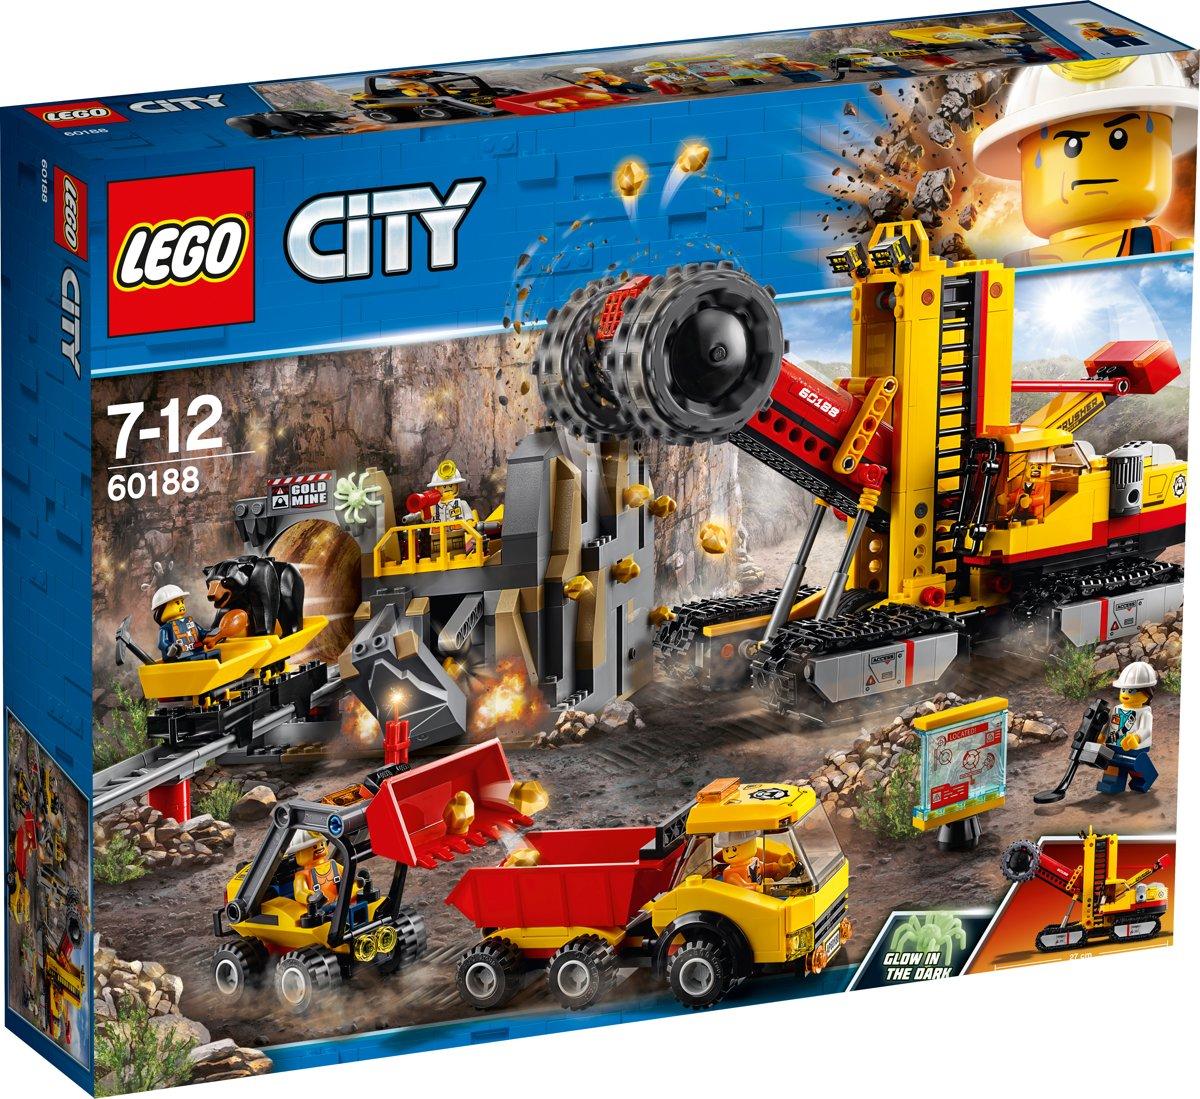 vijf must have lego sets die goed zijn voor dagen vermaak want. Black Bedroom Furniture Sets. Home Design Ideas